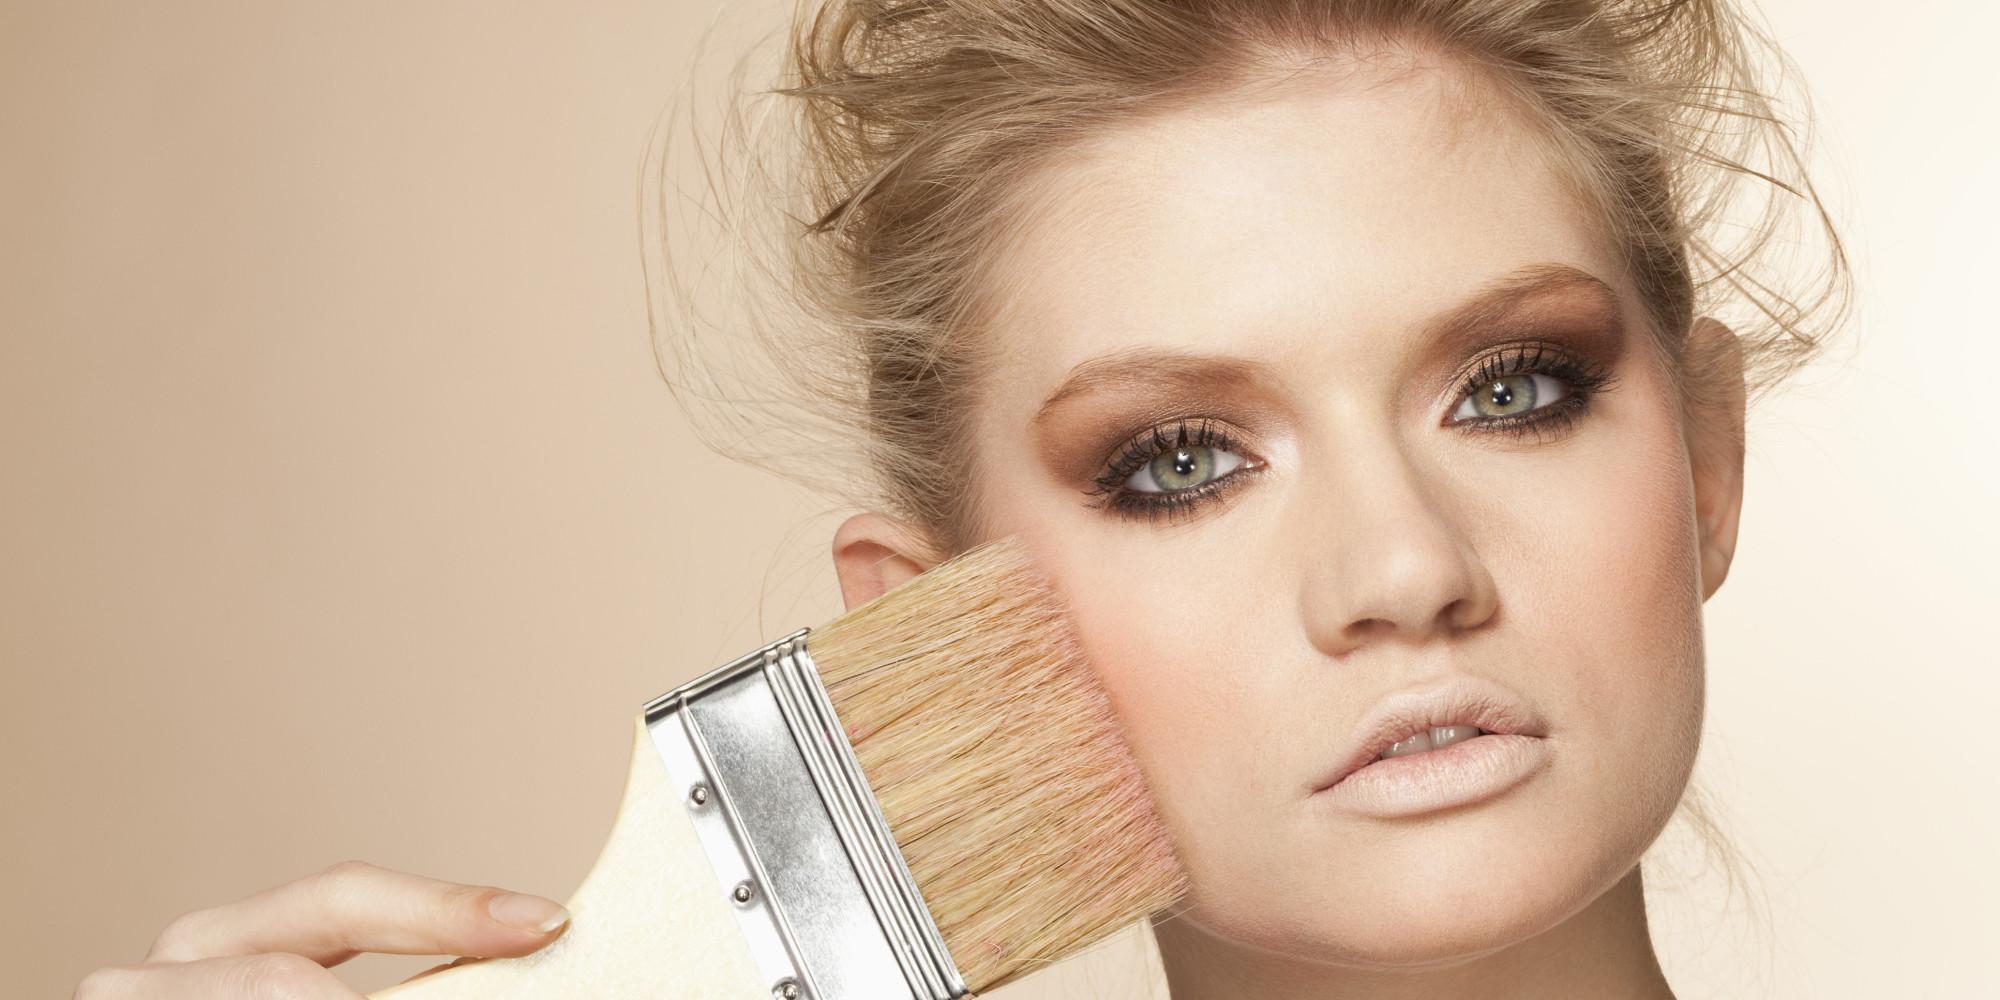 Maquillage pour homme : quels produits utiliser ? Beauté & Soin